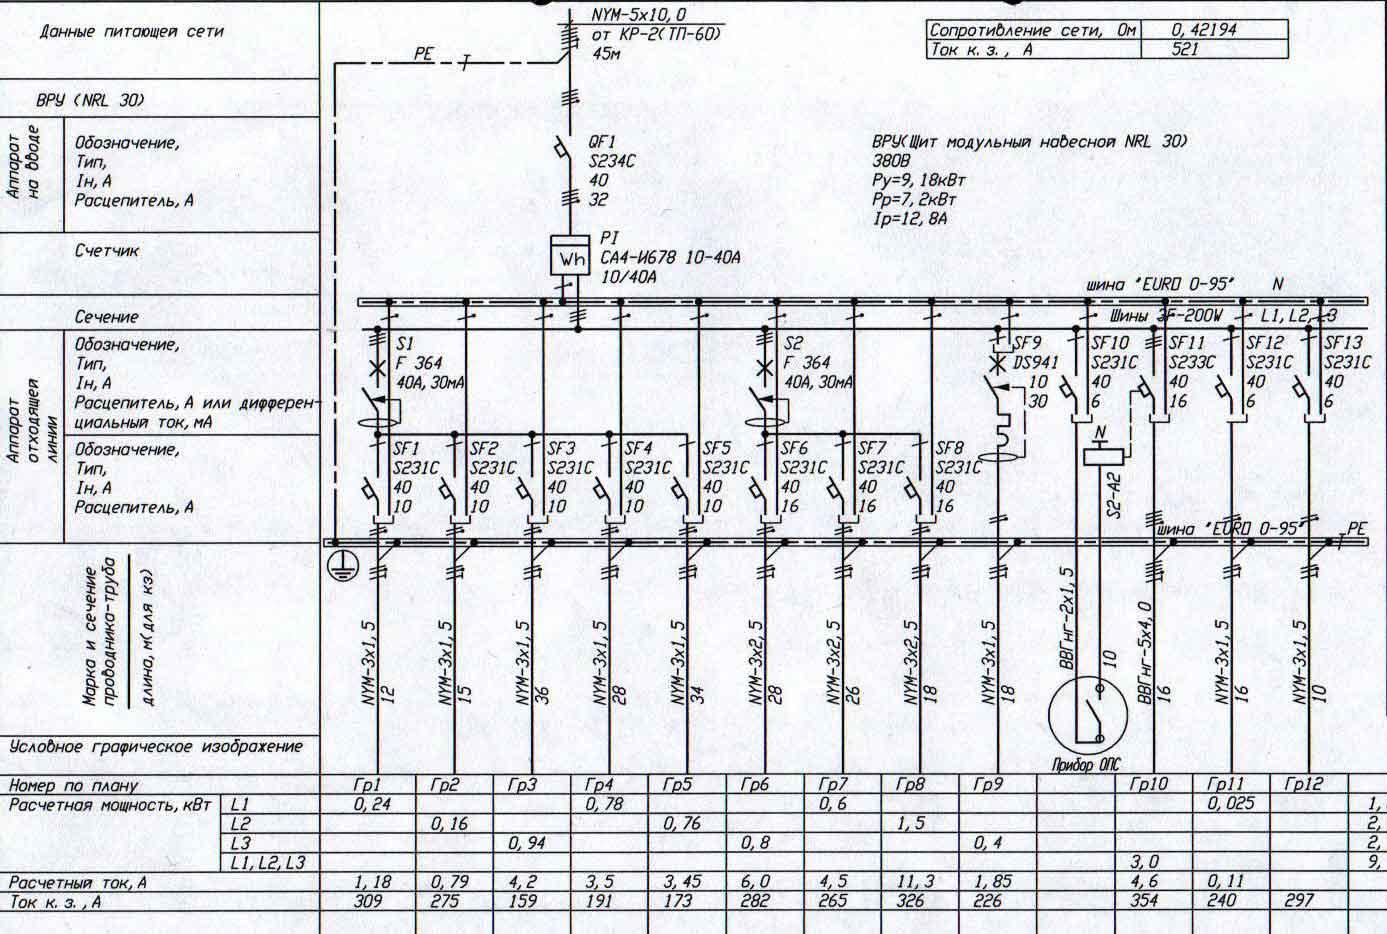 Должностная Инструкция Инженера Слаботочных Сетей